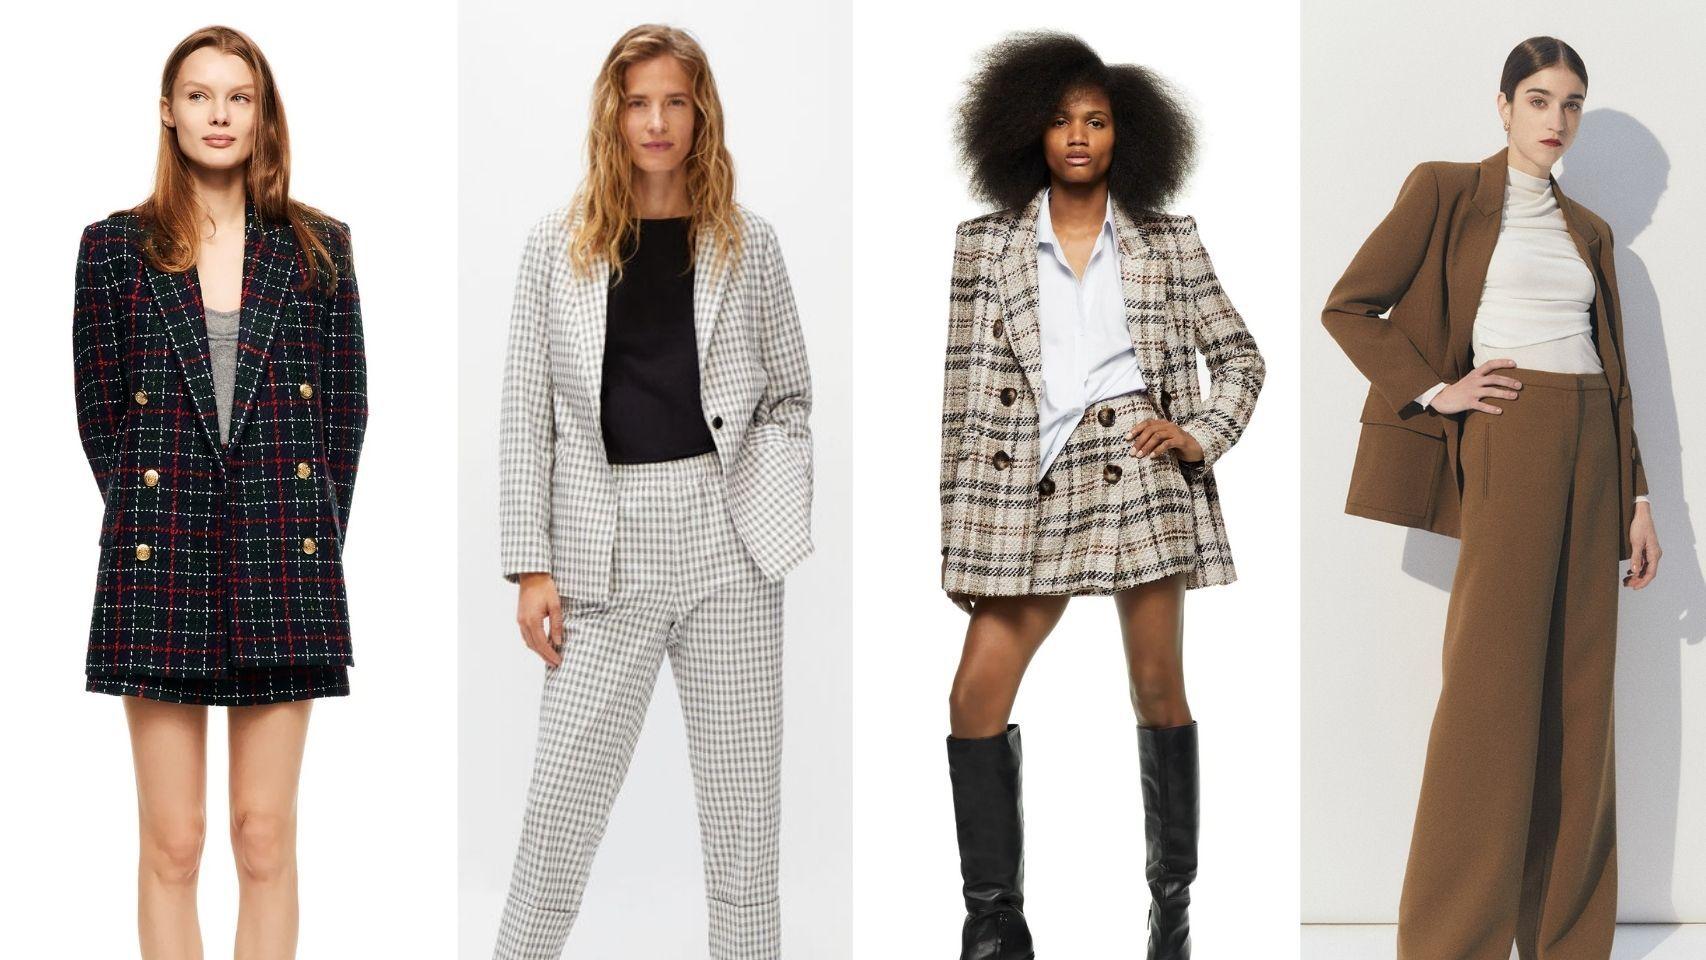 La Semana de la Moda de Nueva York deja patente cuál va a ser la tendencia del año.